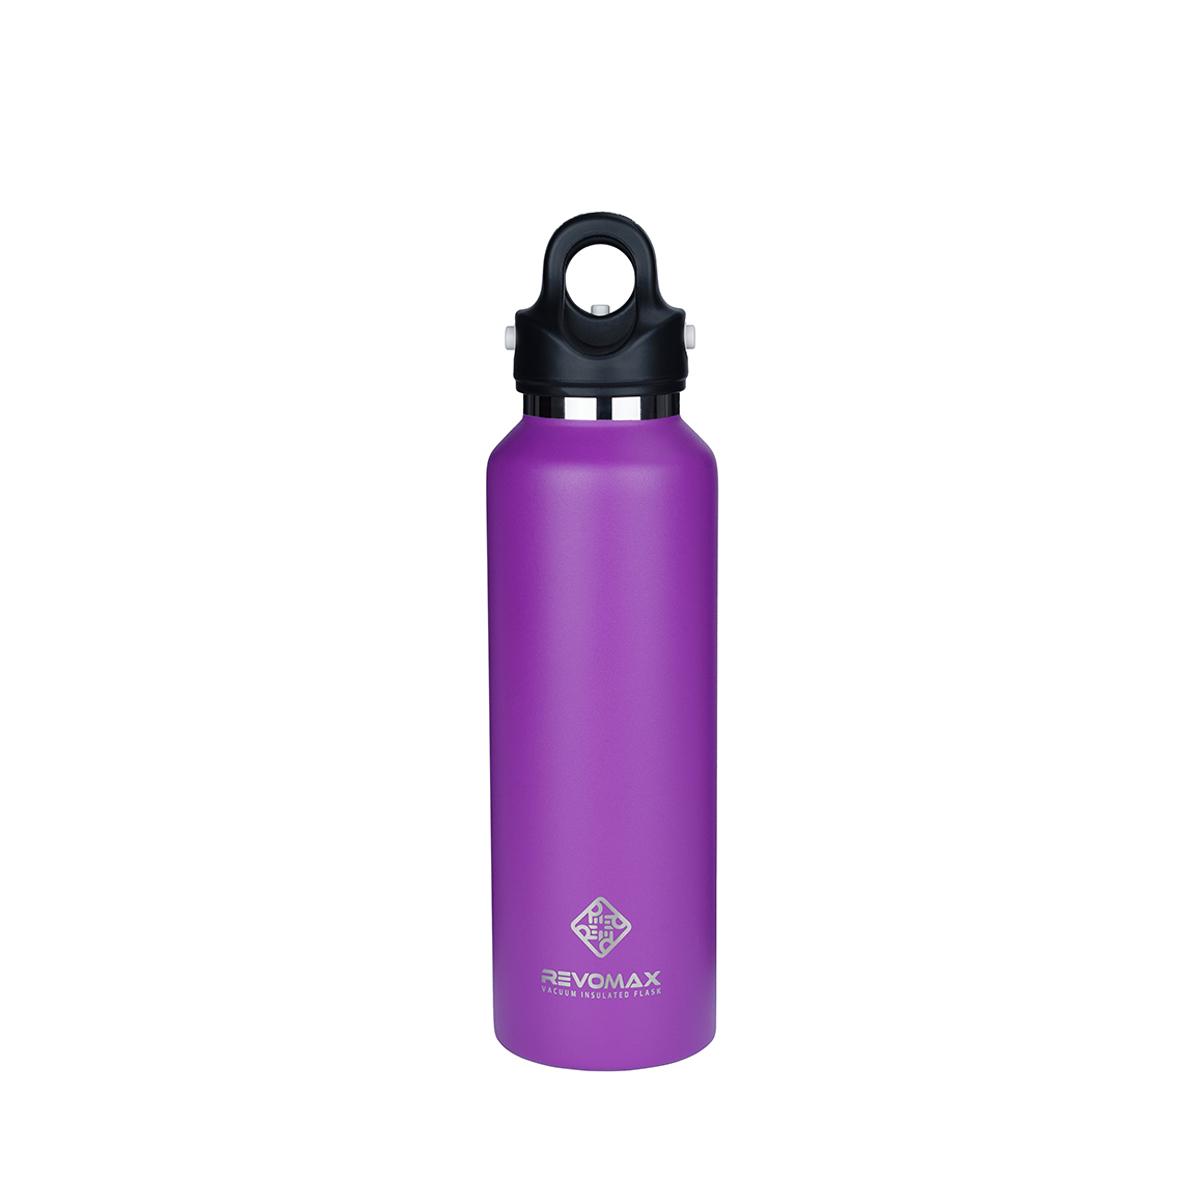 「指3本」で密閉できる魔法瓶|《592ml》炭酸もビールも36時間保冷、保温も18時間OKの「マイボトル」|REVOMAX